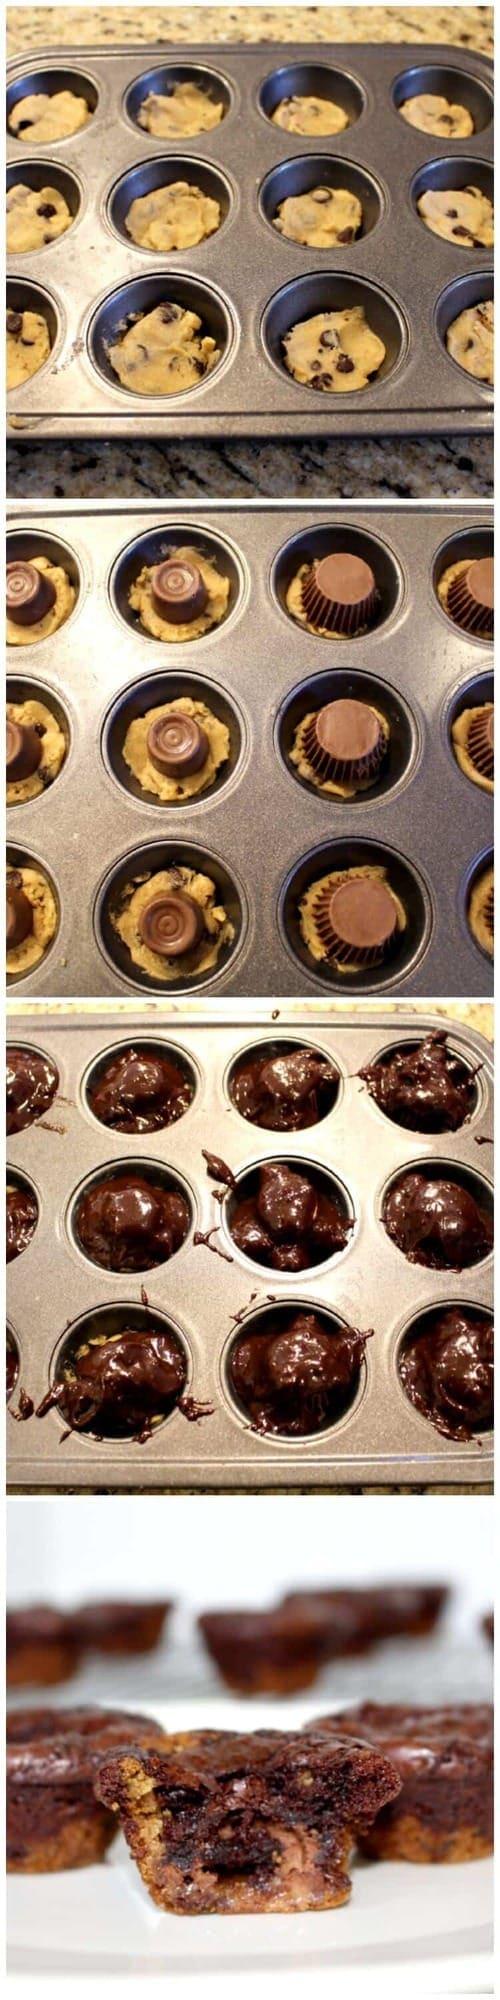 Cookies Brownies And Bars Cookie Brownie Bites Pictorial